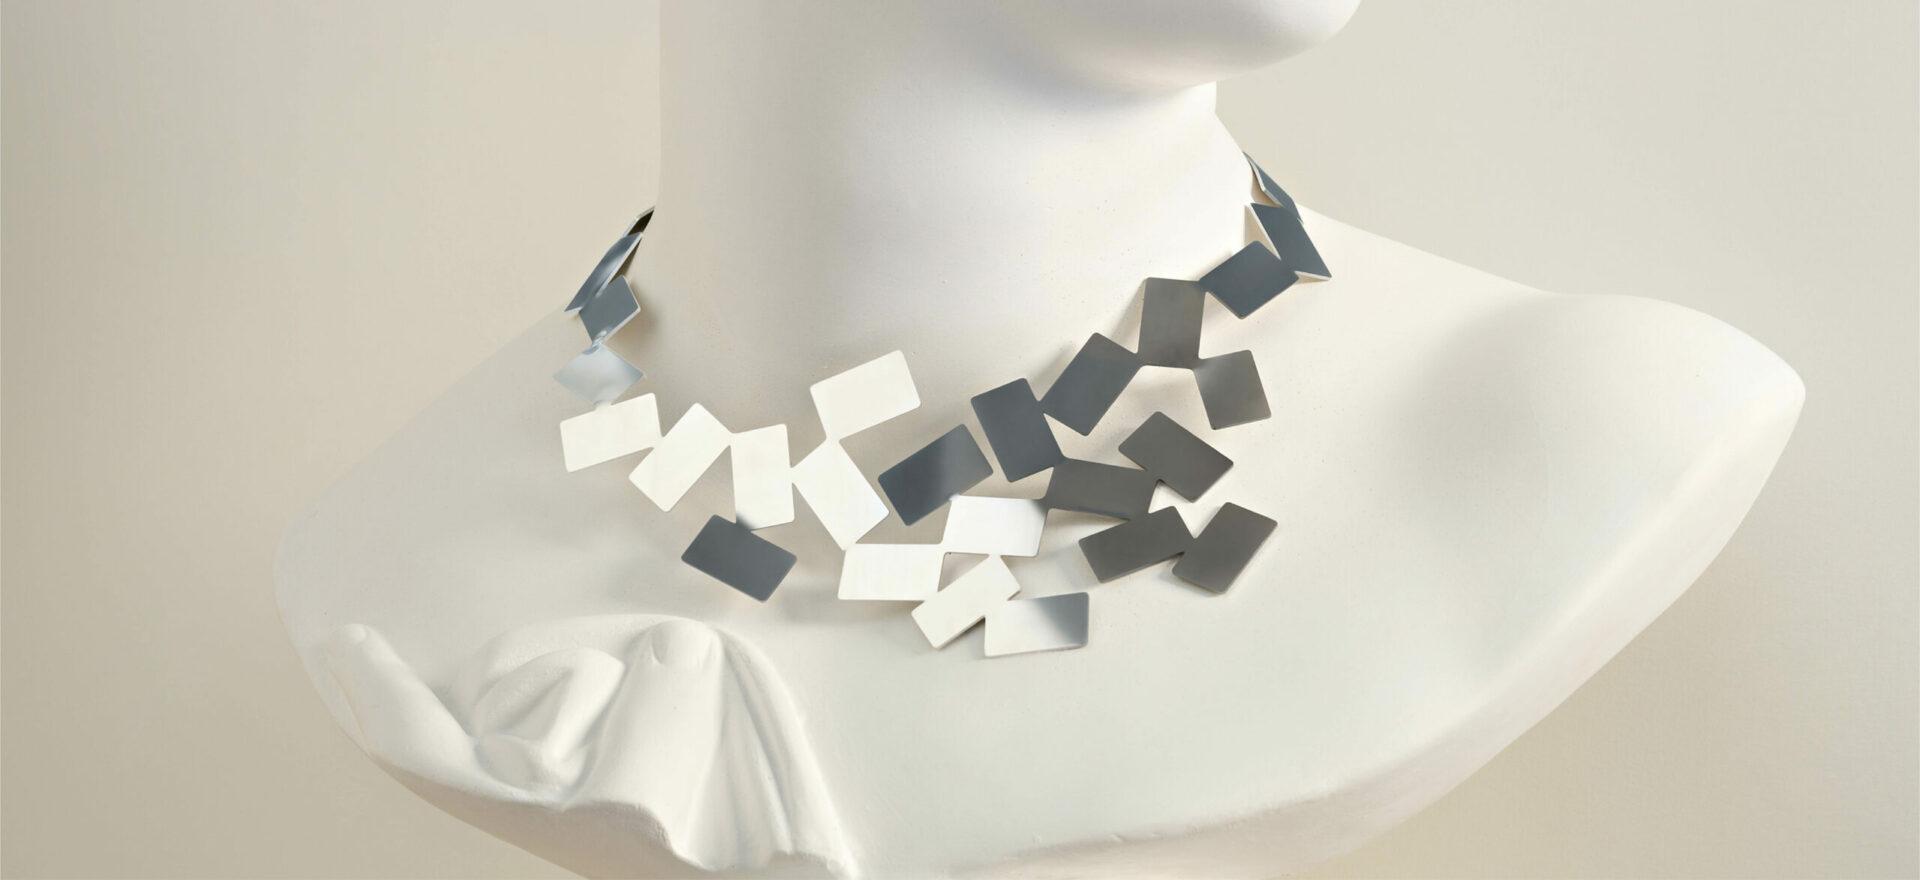 Fiato sul collo_Alessi_Jewelry_Mario Trimarchi Design_Product Artworks_Ph Santi Caleca